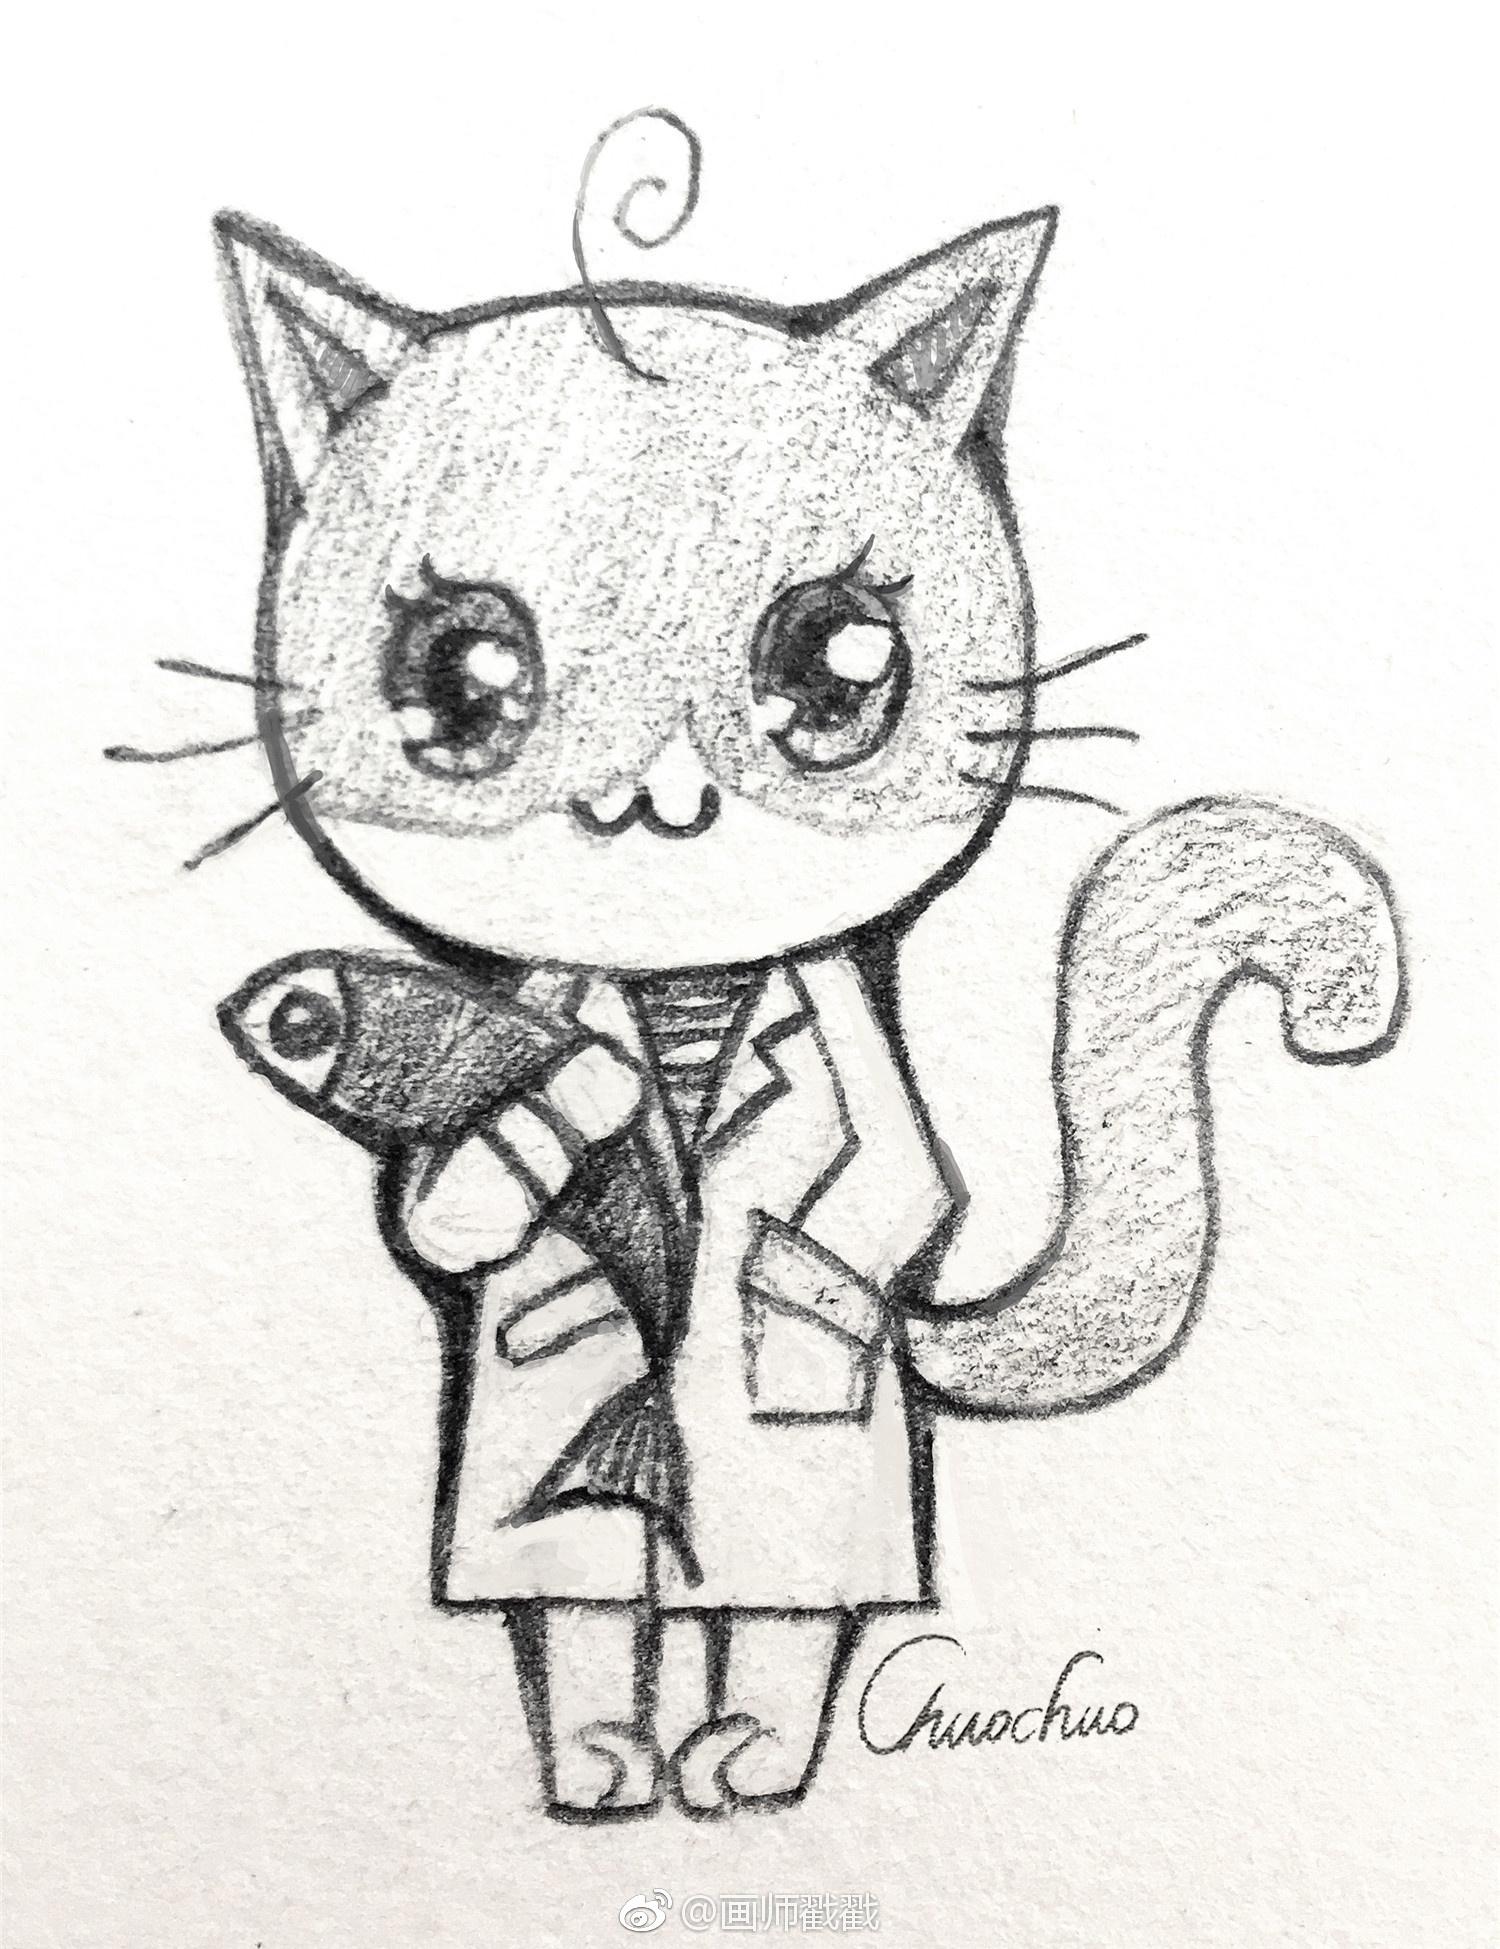 以我闺女为原型,简单的画了一套铅笔画萌猫图